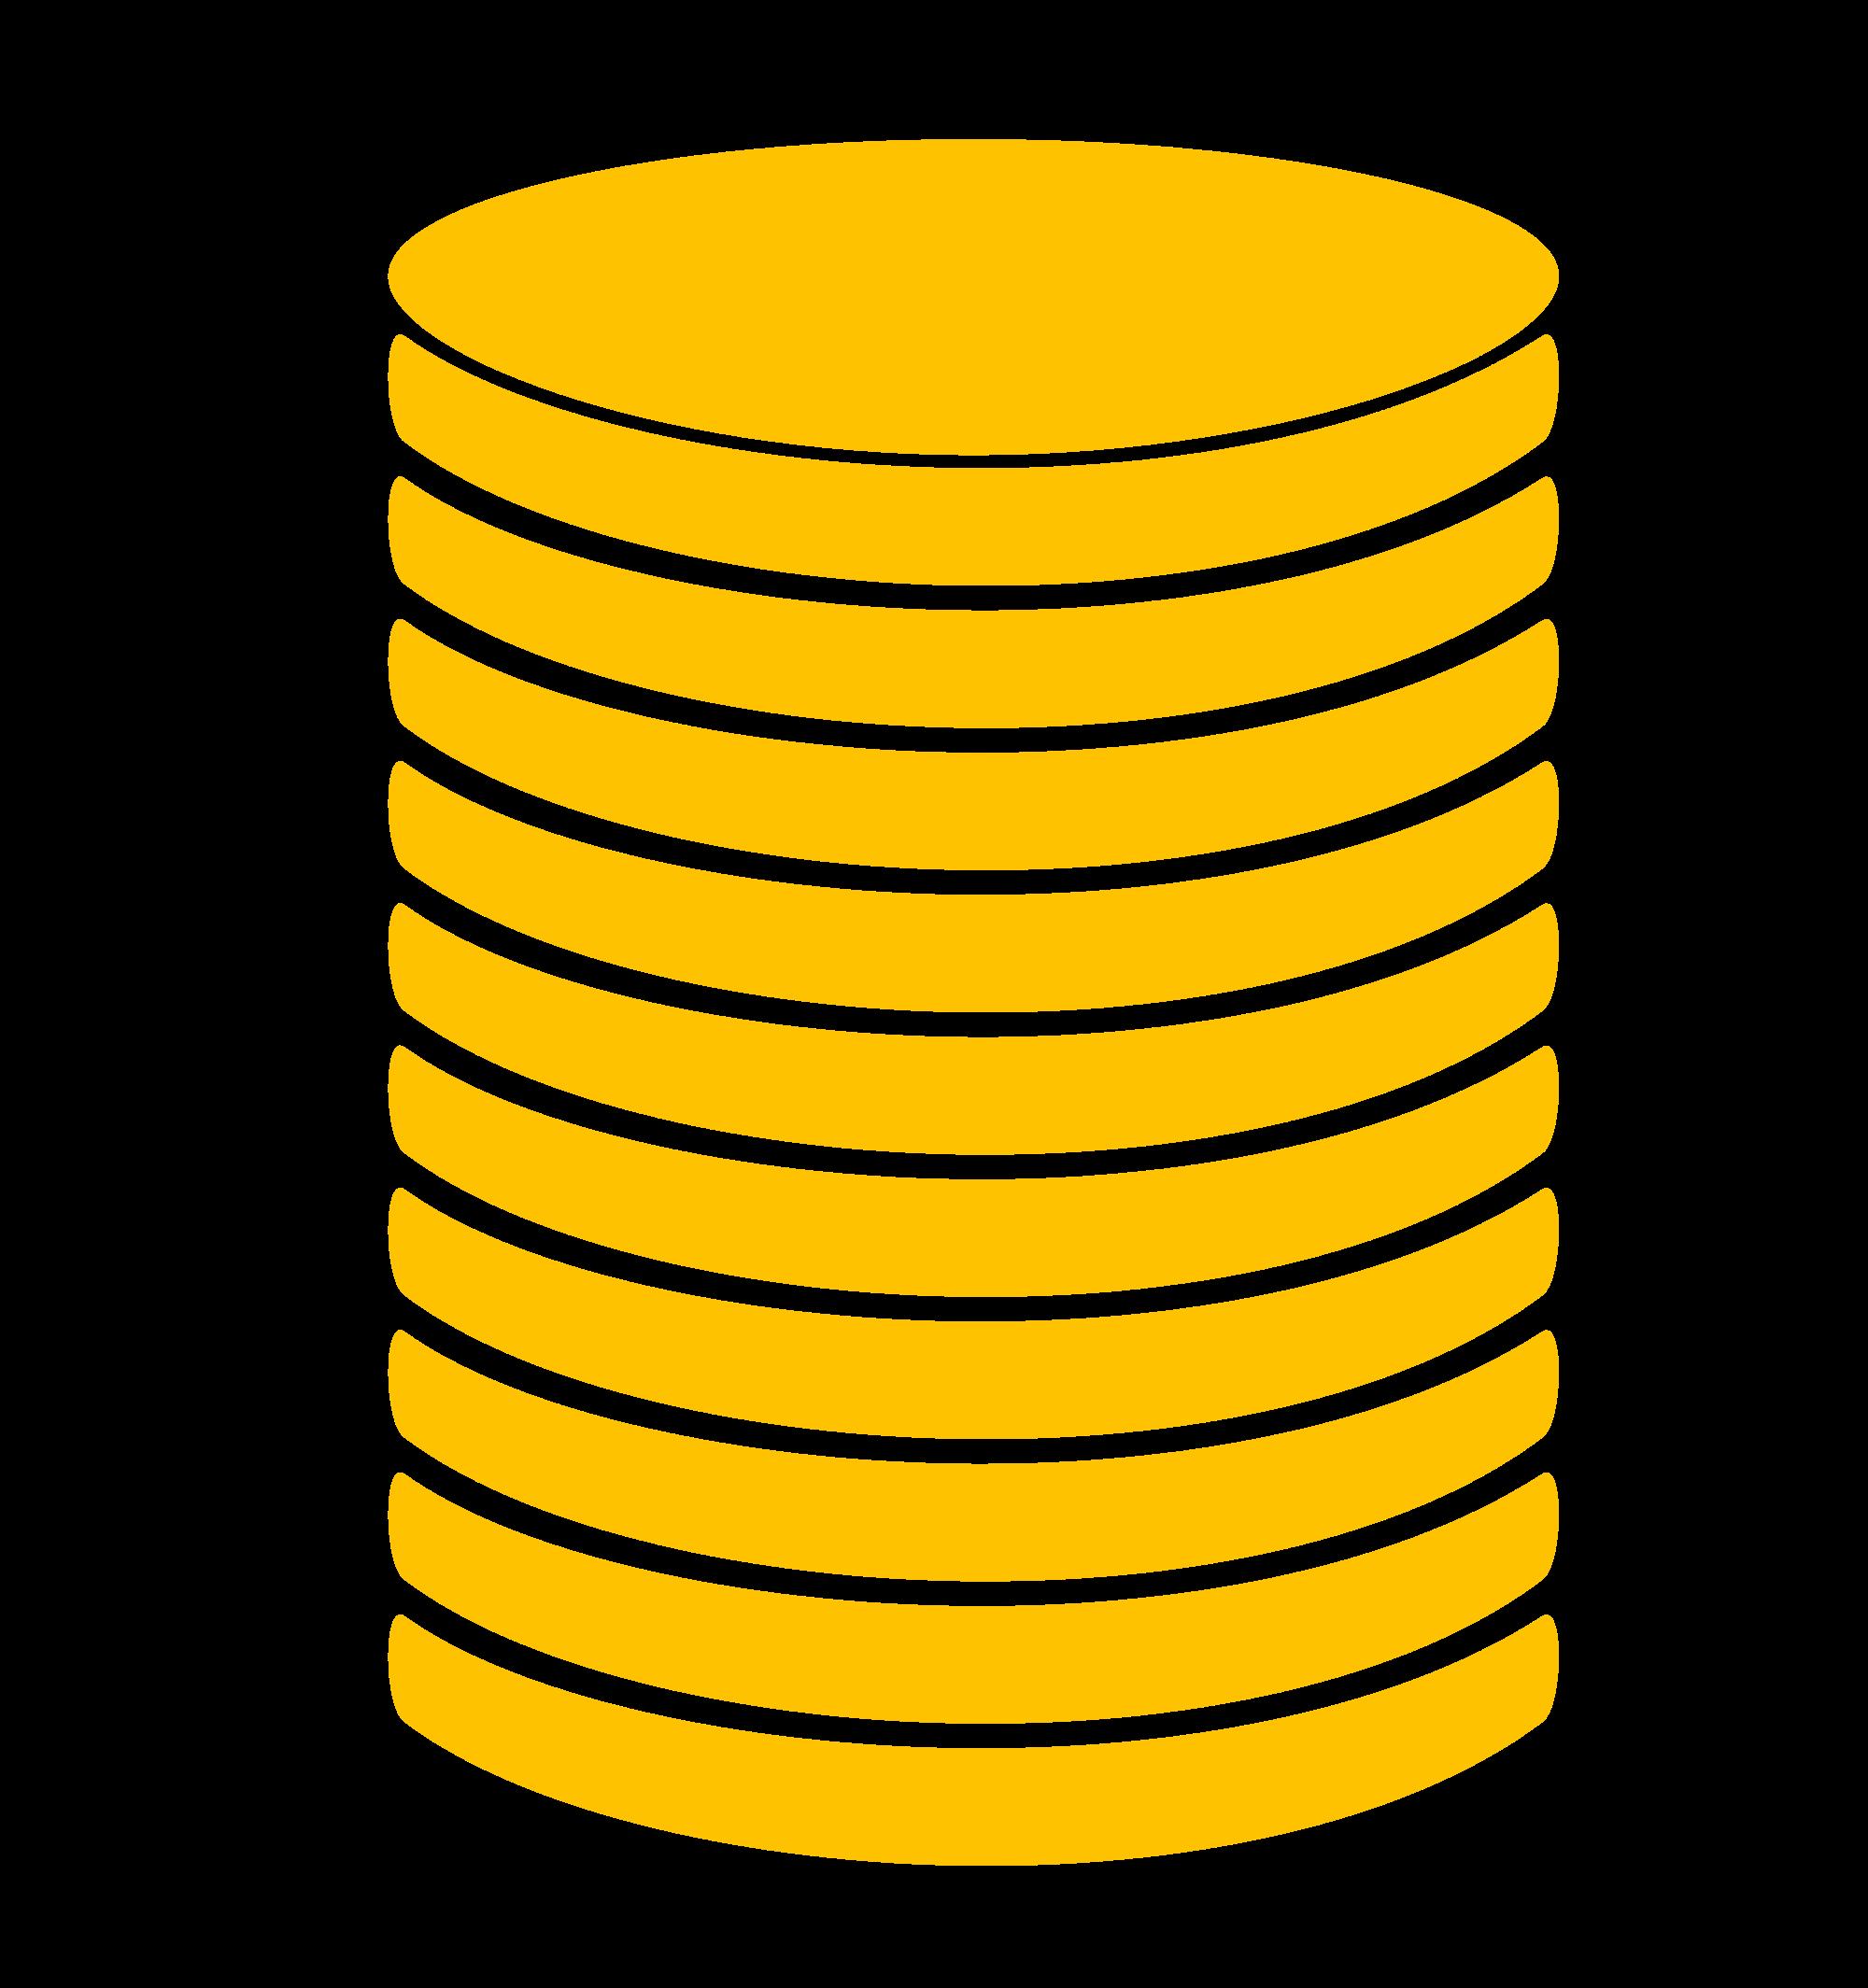 Coin clipart stack coin Coin  Top Stack Design